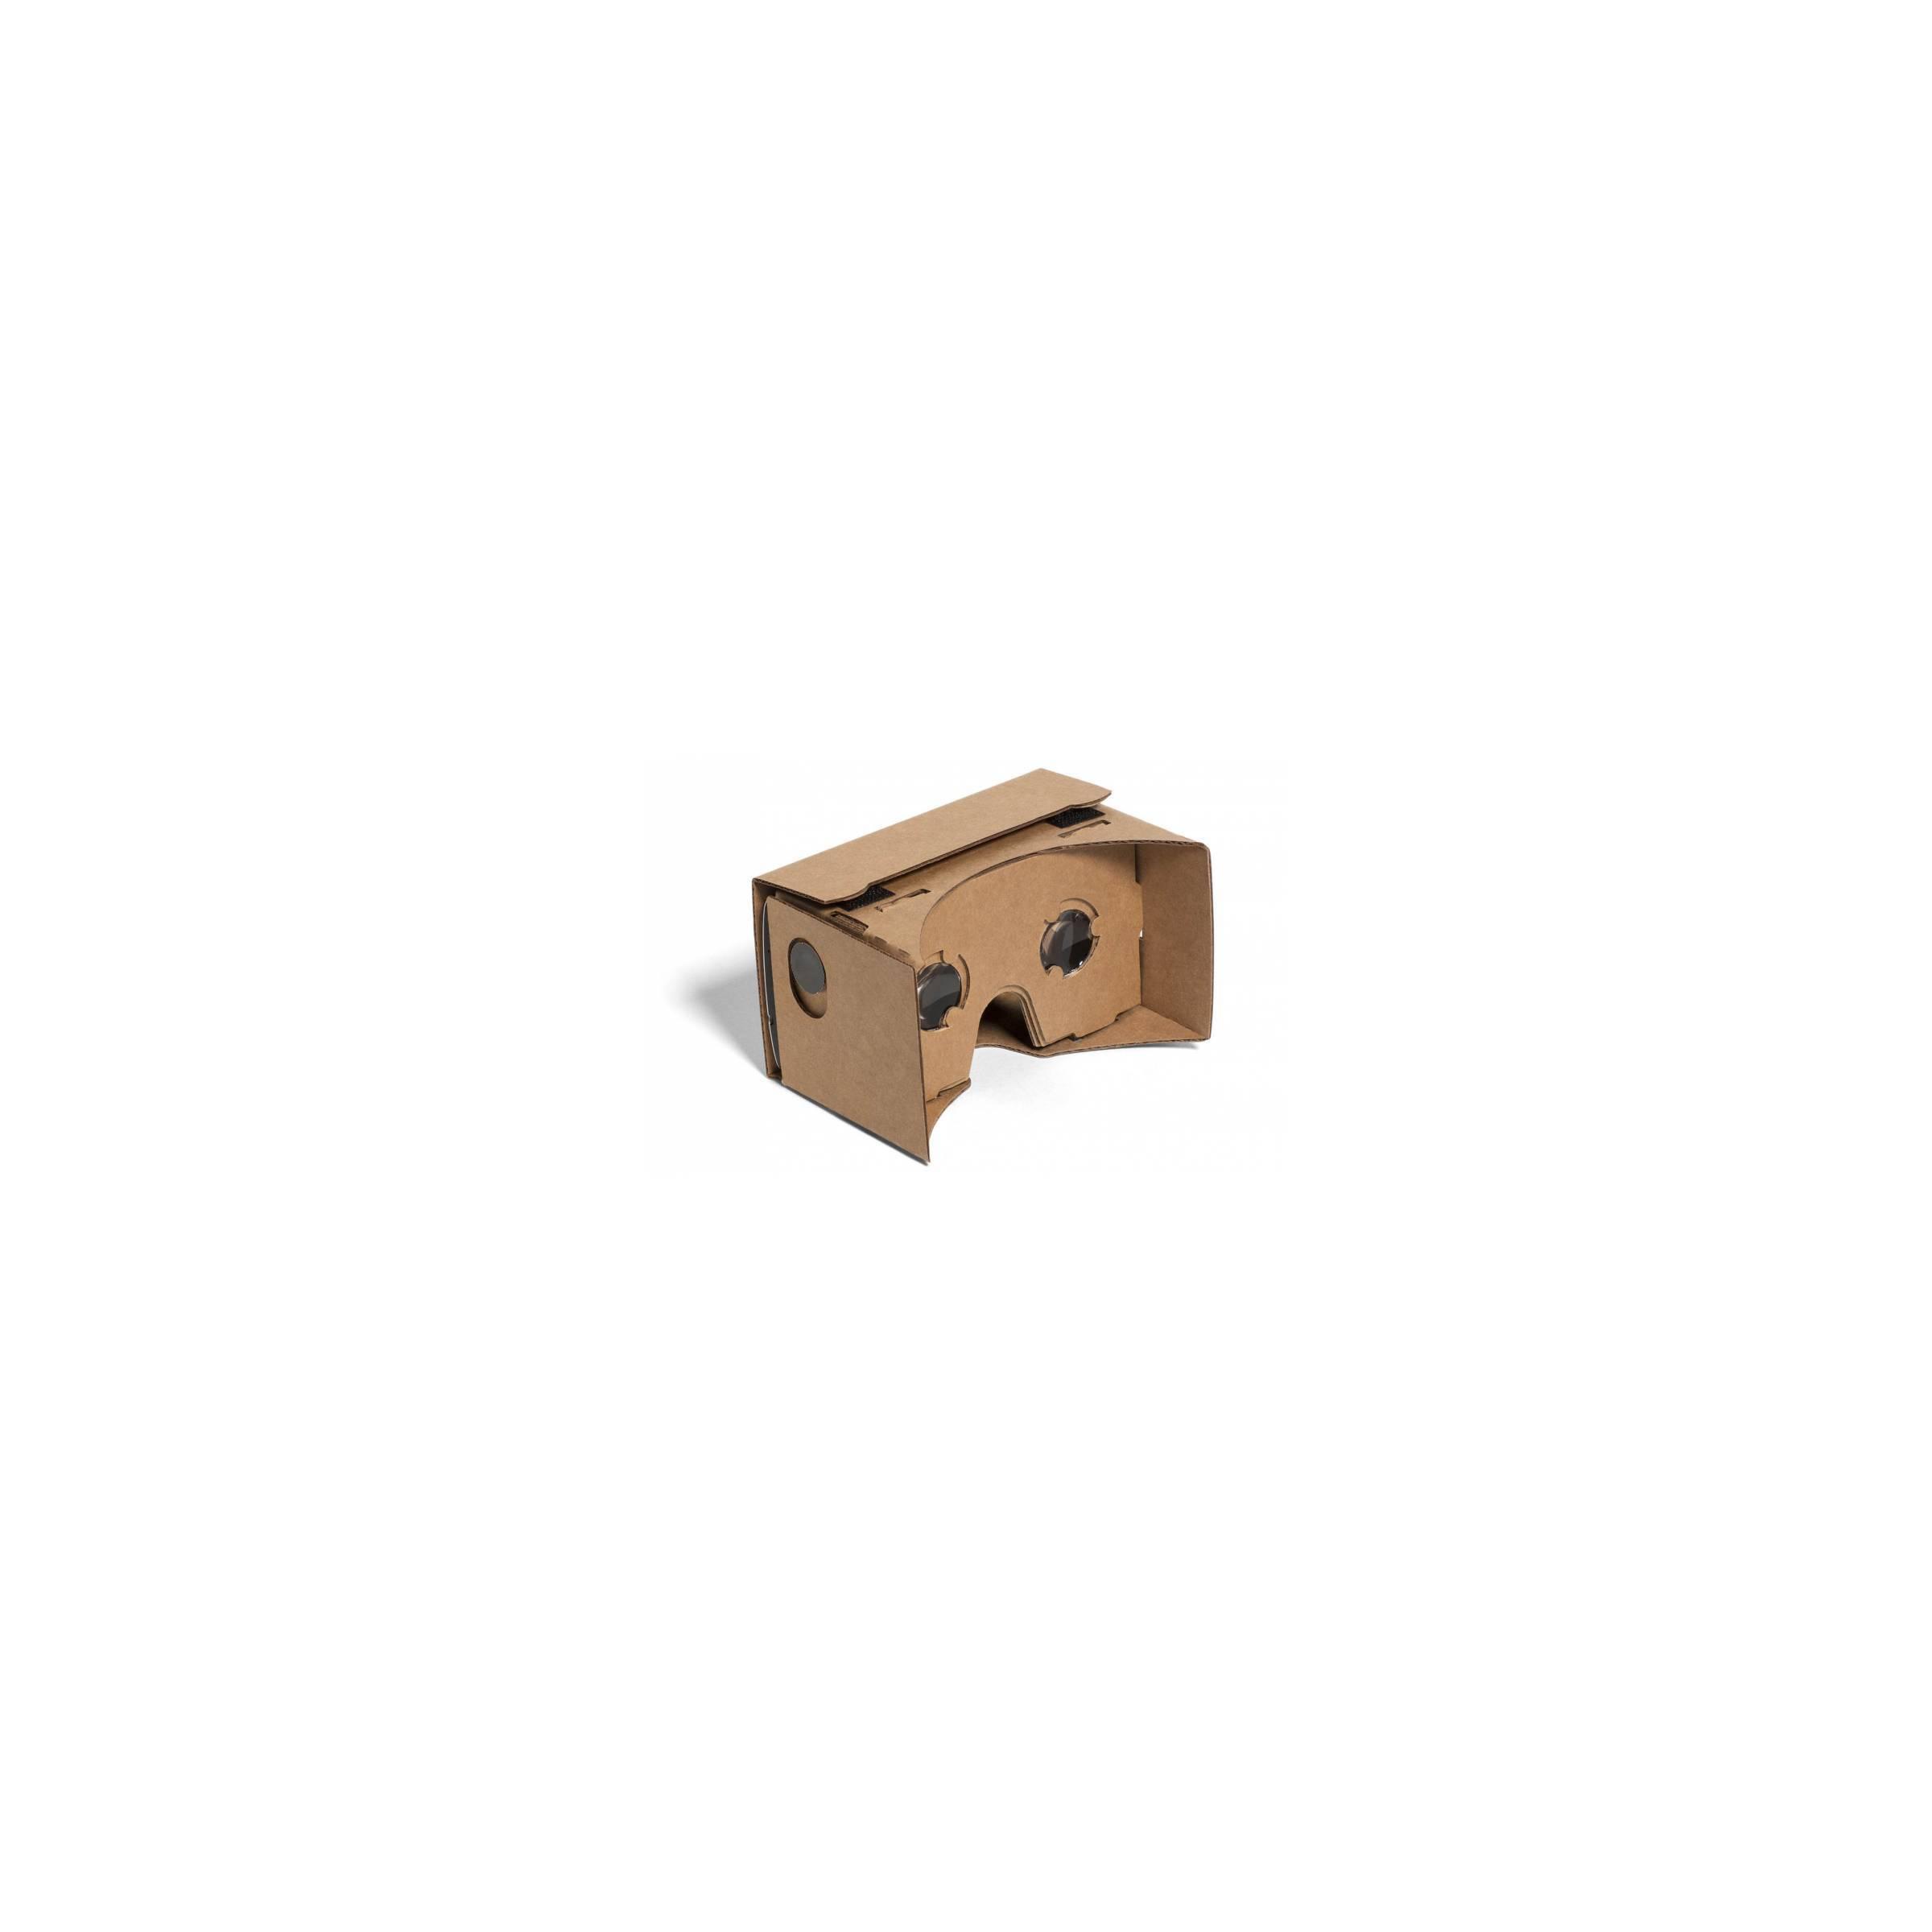 Cardboard med linser google fra google fra mackabler.dk